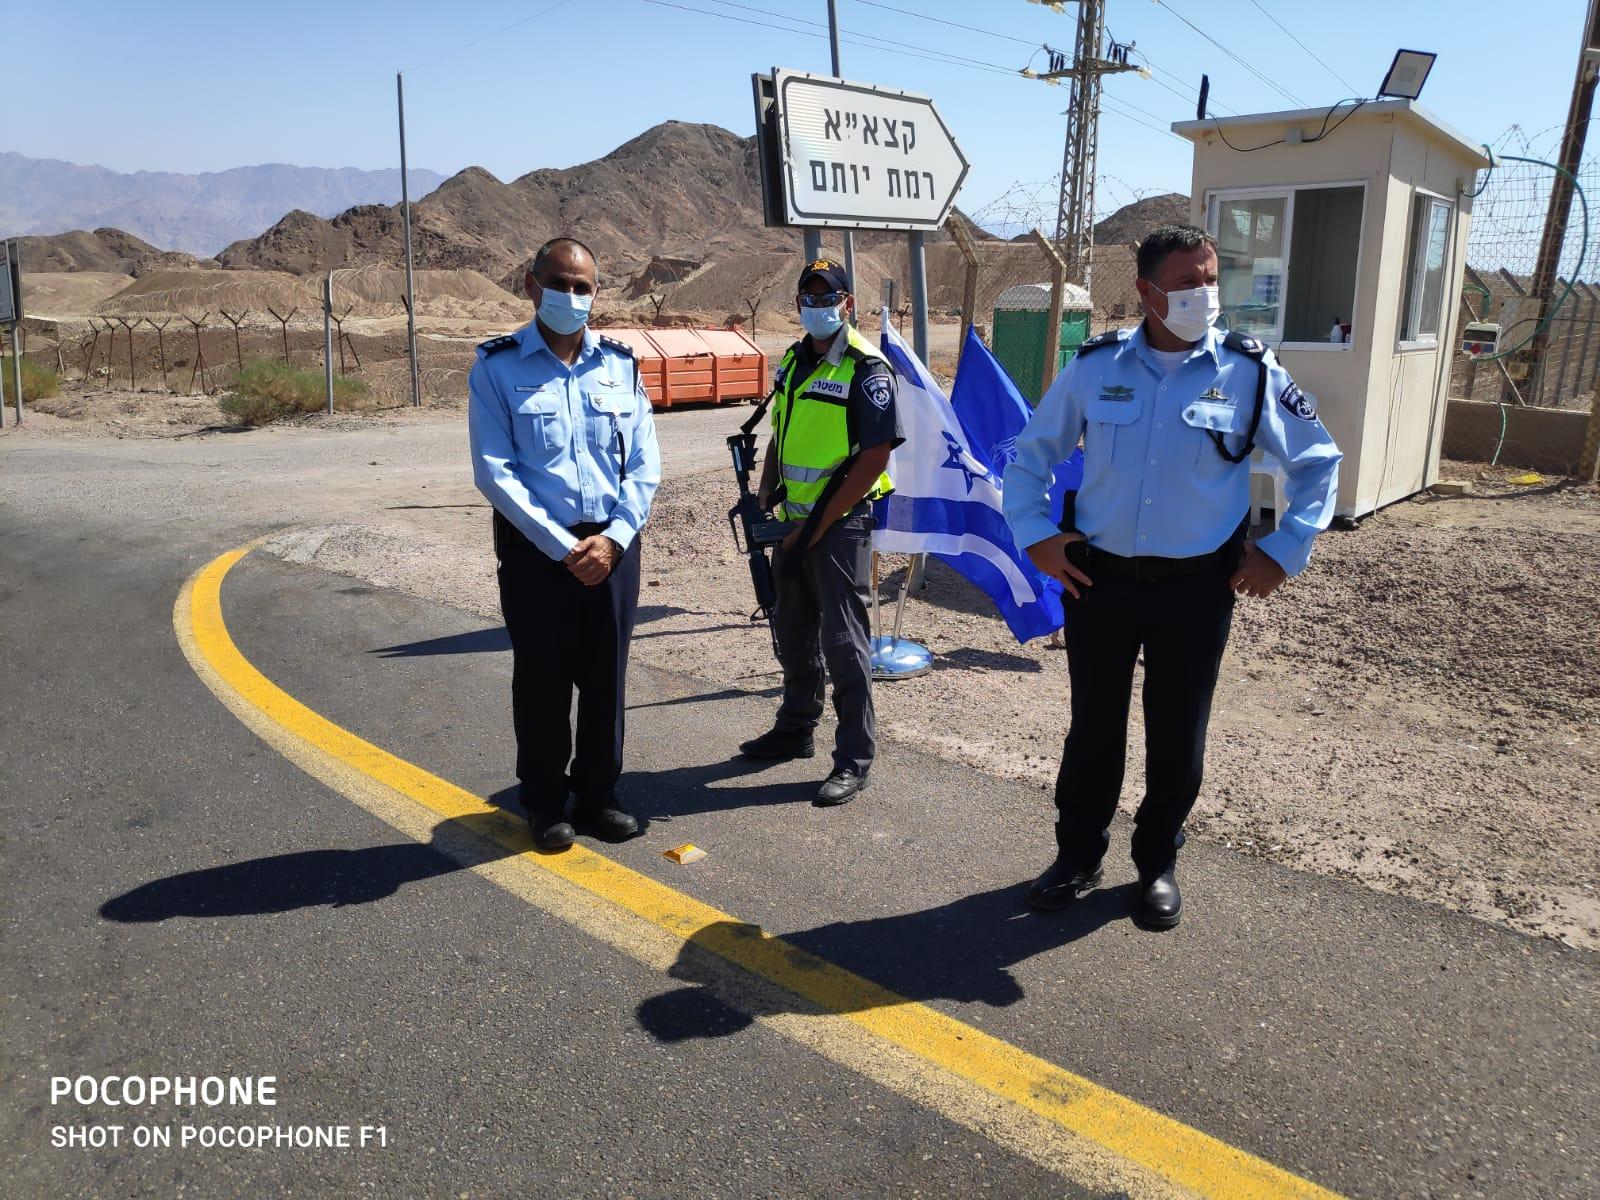 מפקד מחוז דרום של משטרת ישראל ניצב יורם סופר ערך סיור בגזרת מרחב אילת יחד עם מפקד מרחב אילת נצ''מ קובי מור